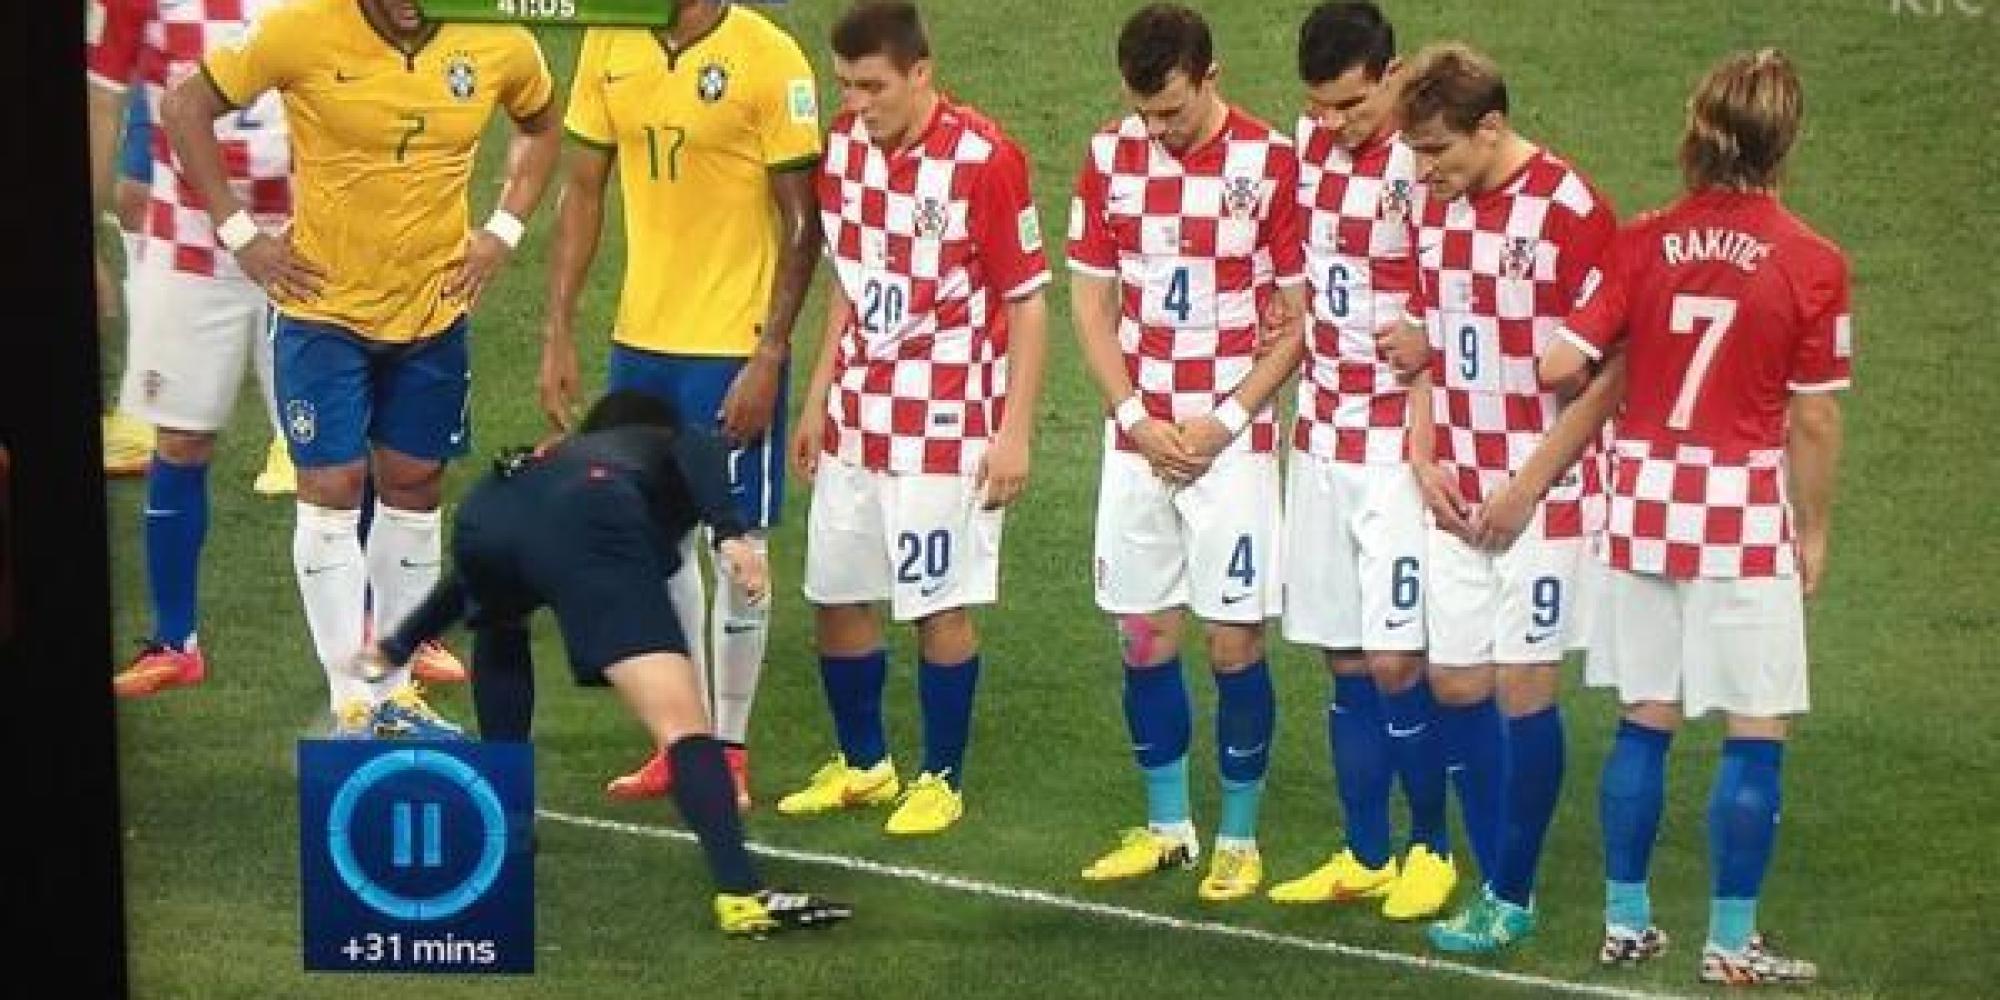 Br sil croatie revivez le match d 39 ouverture de la coupe - Match d ouverture coupe du monde 2014 ...